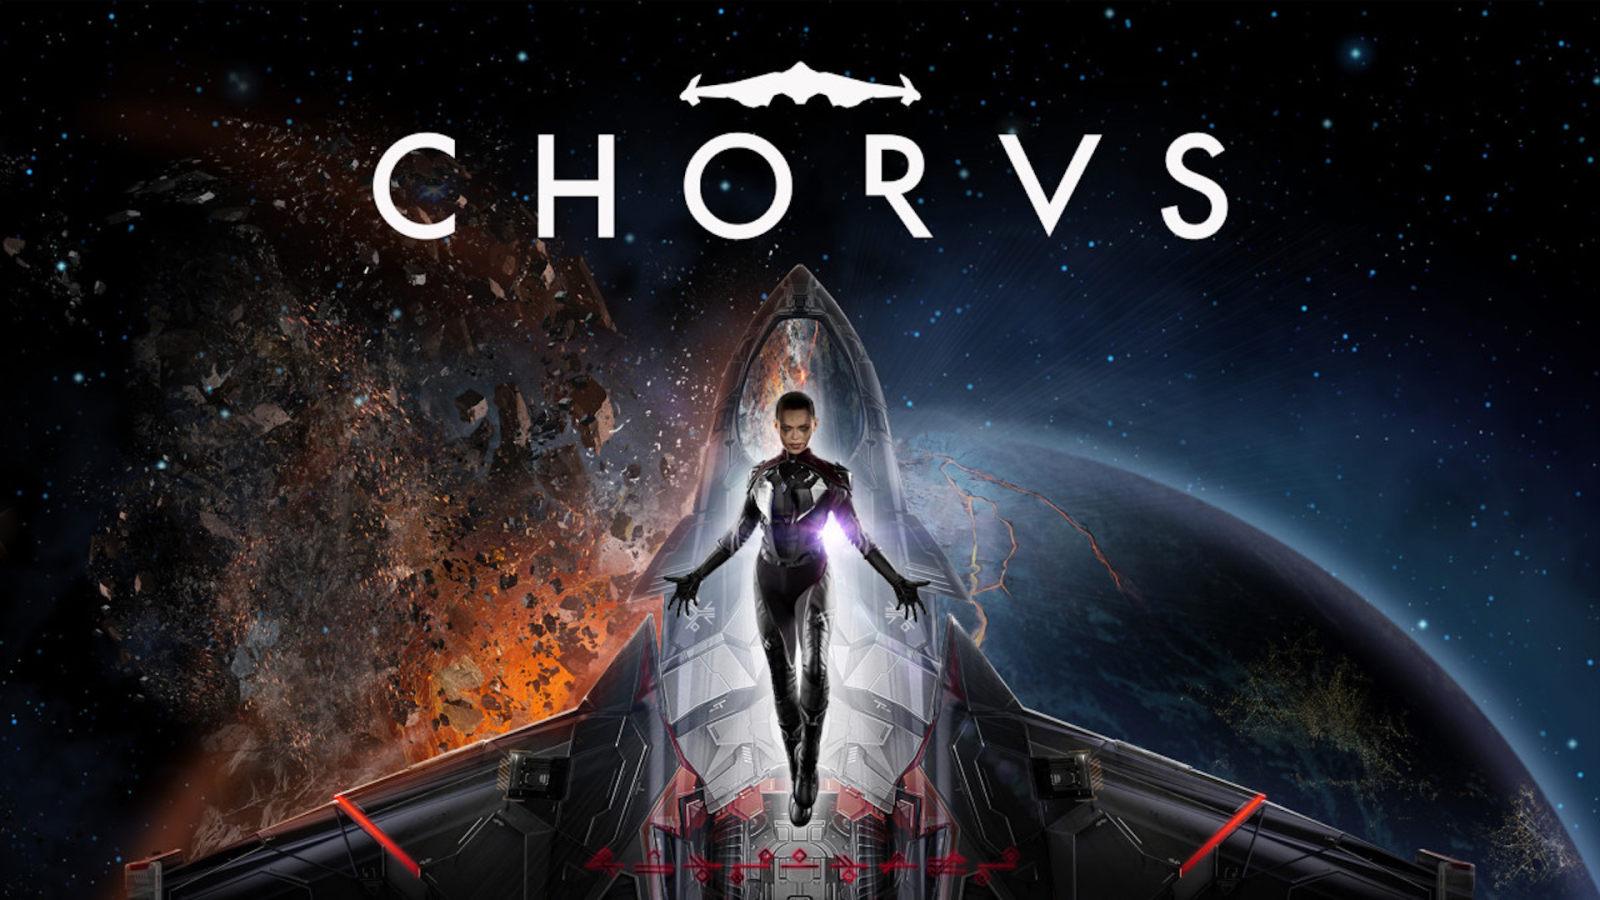 太空战机游戏《Chorus》将于12月3日推出,预购可获得皮肤奖励